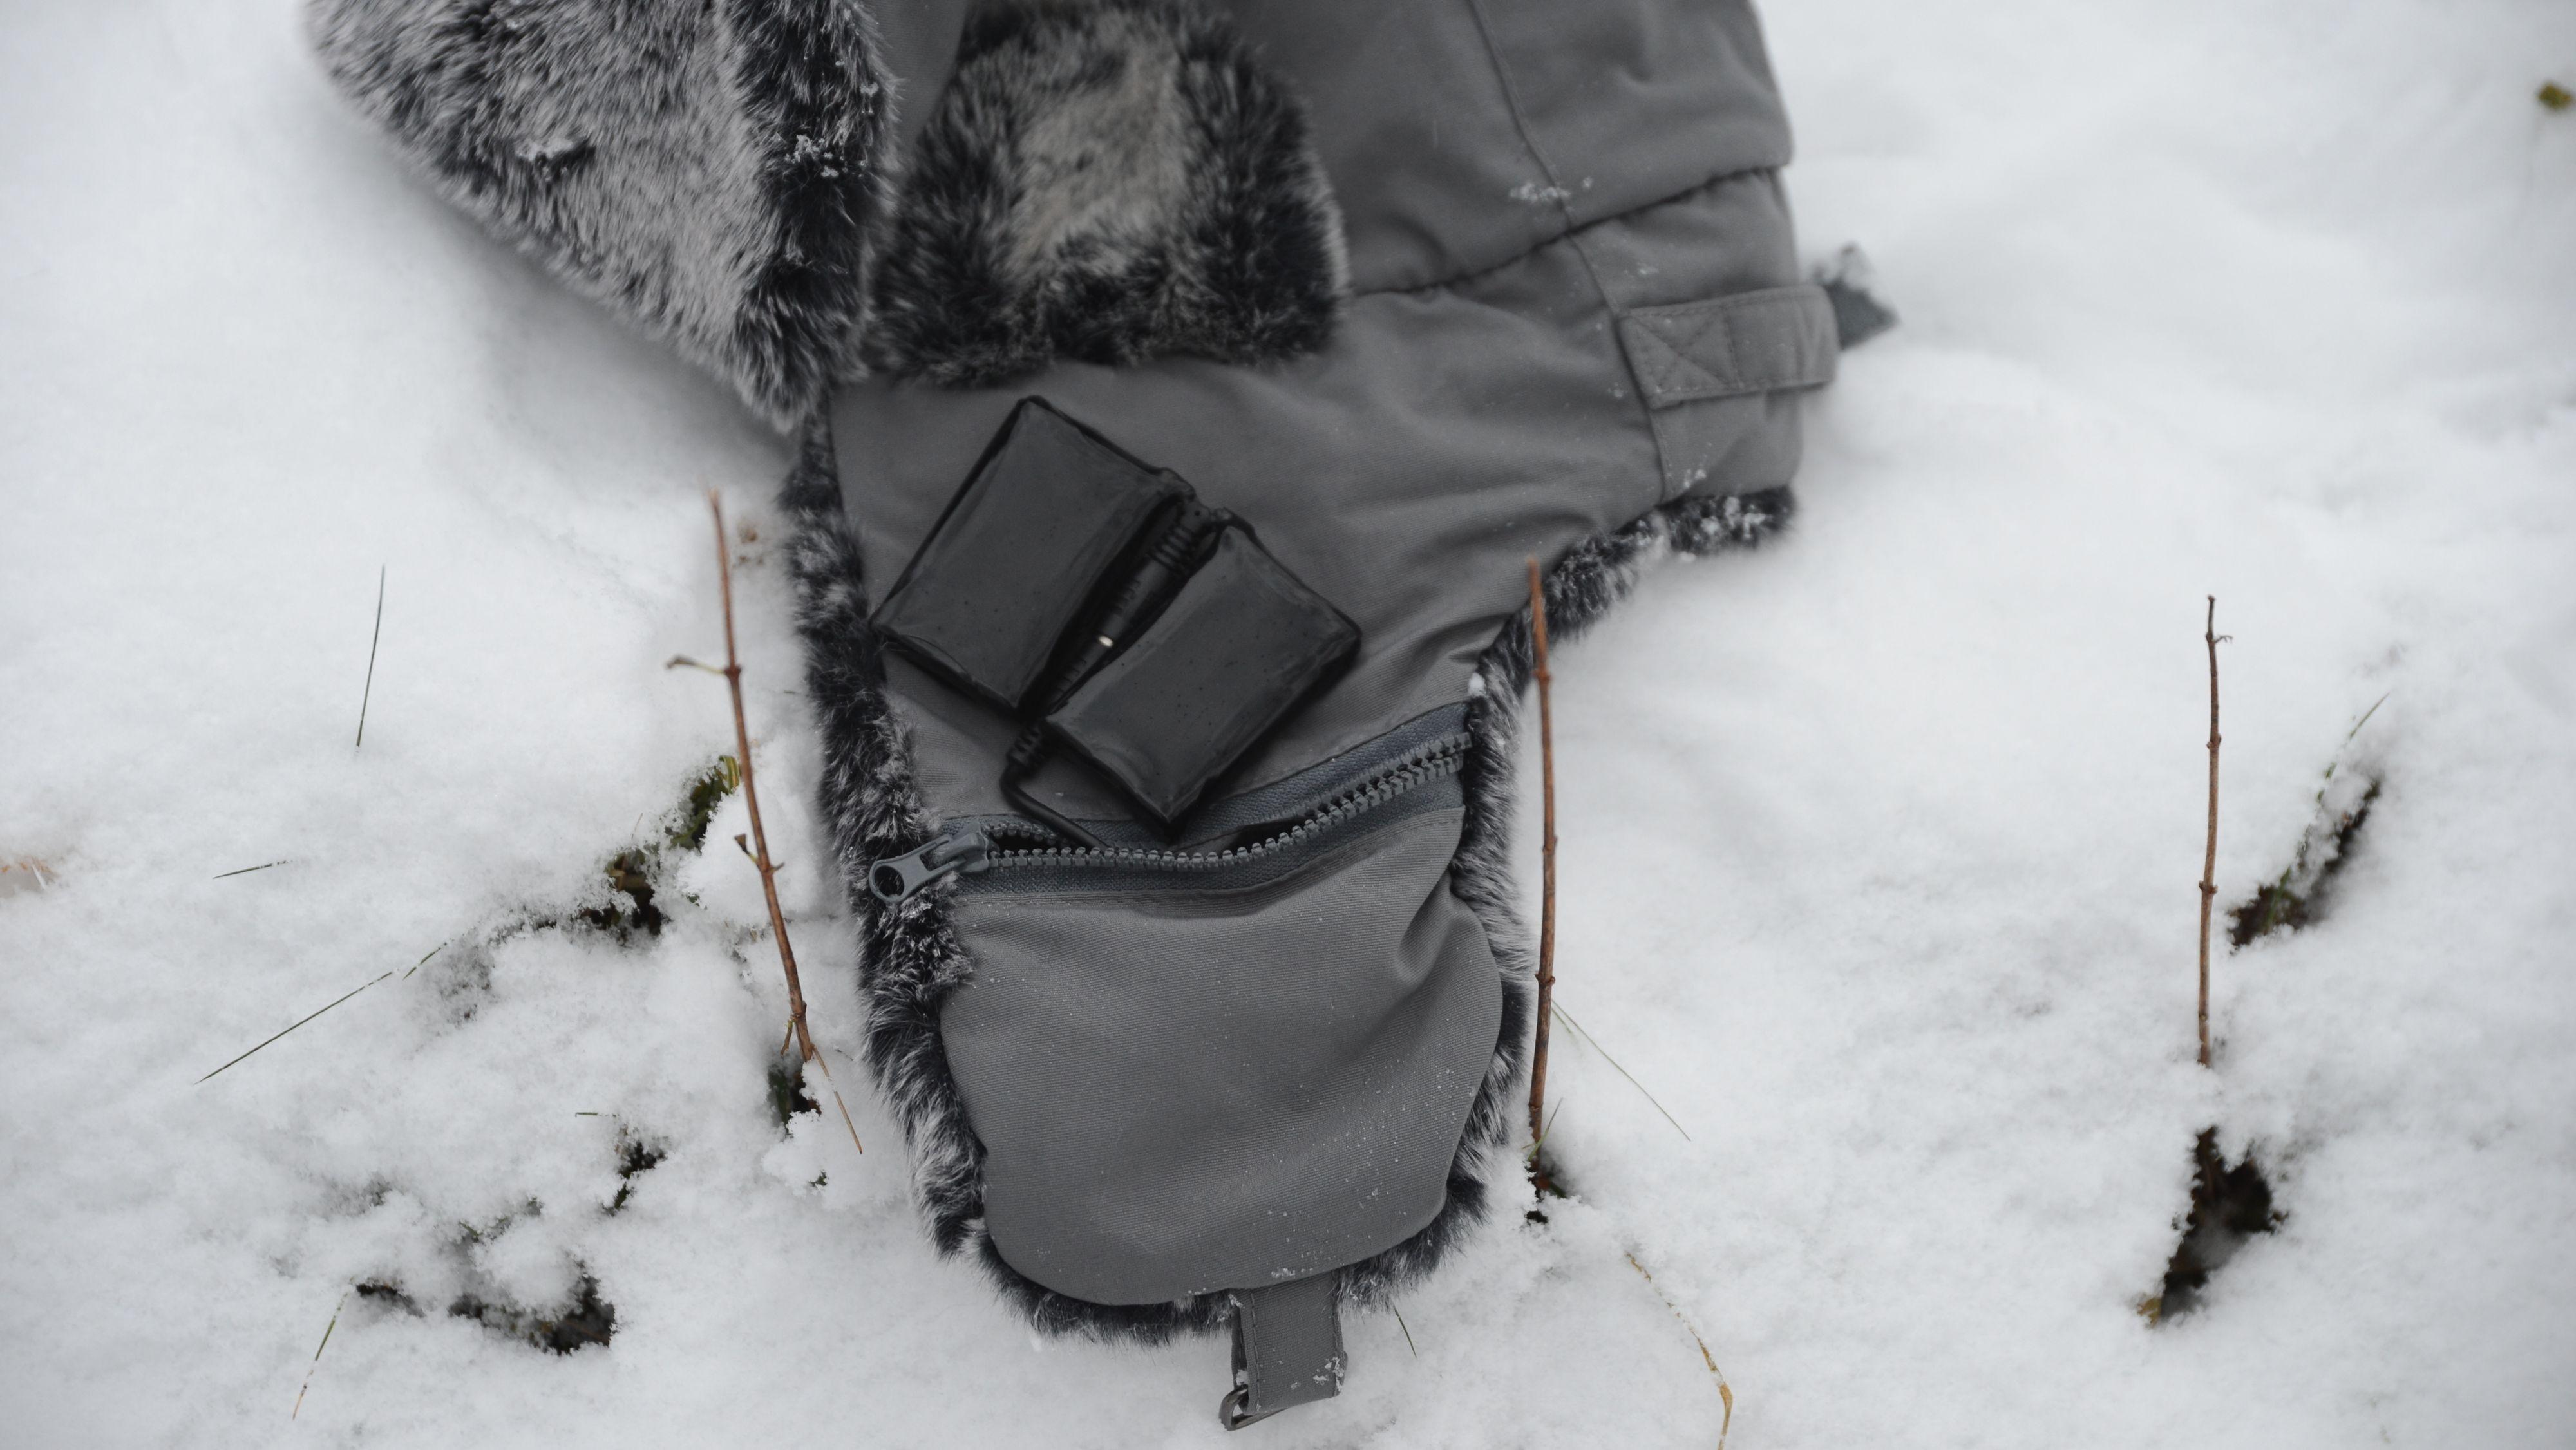 Luen har batteriet plassert i den ene ørelappen Bilde: Ole Henrik Johansen / Tek.no